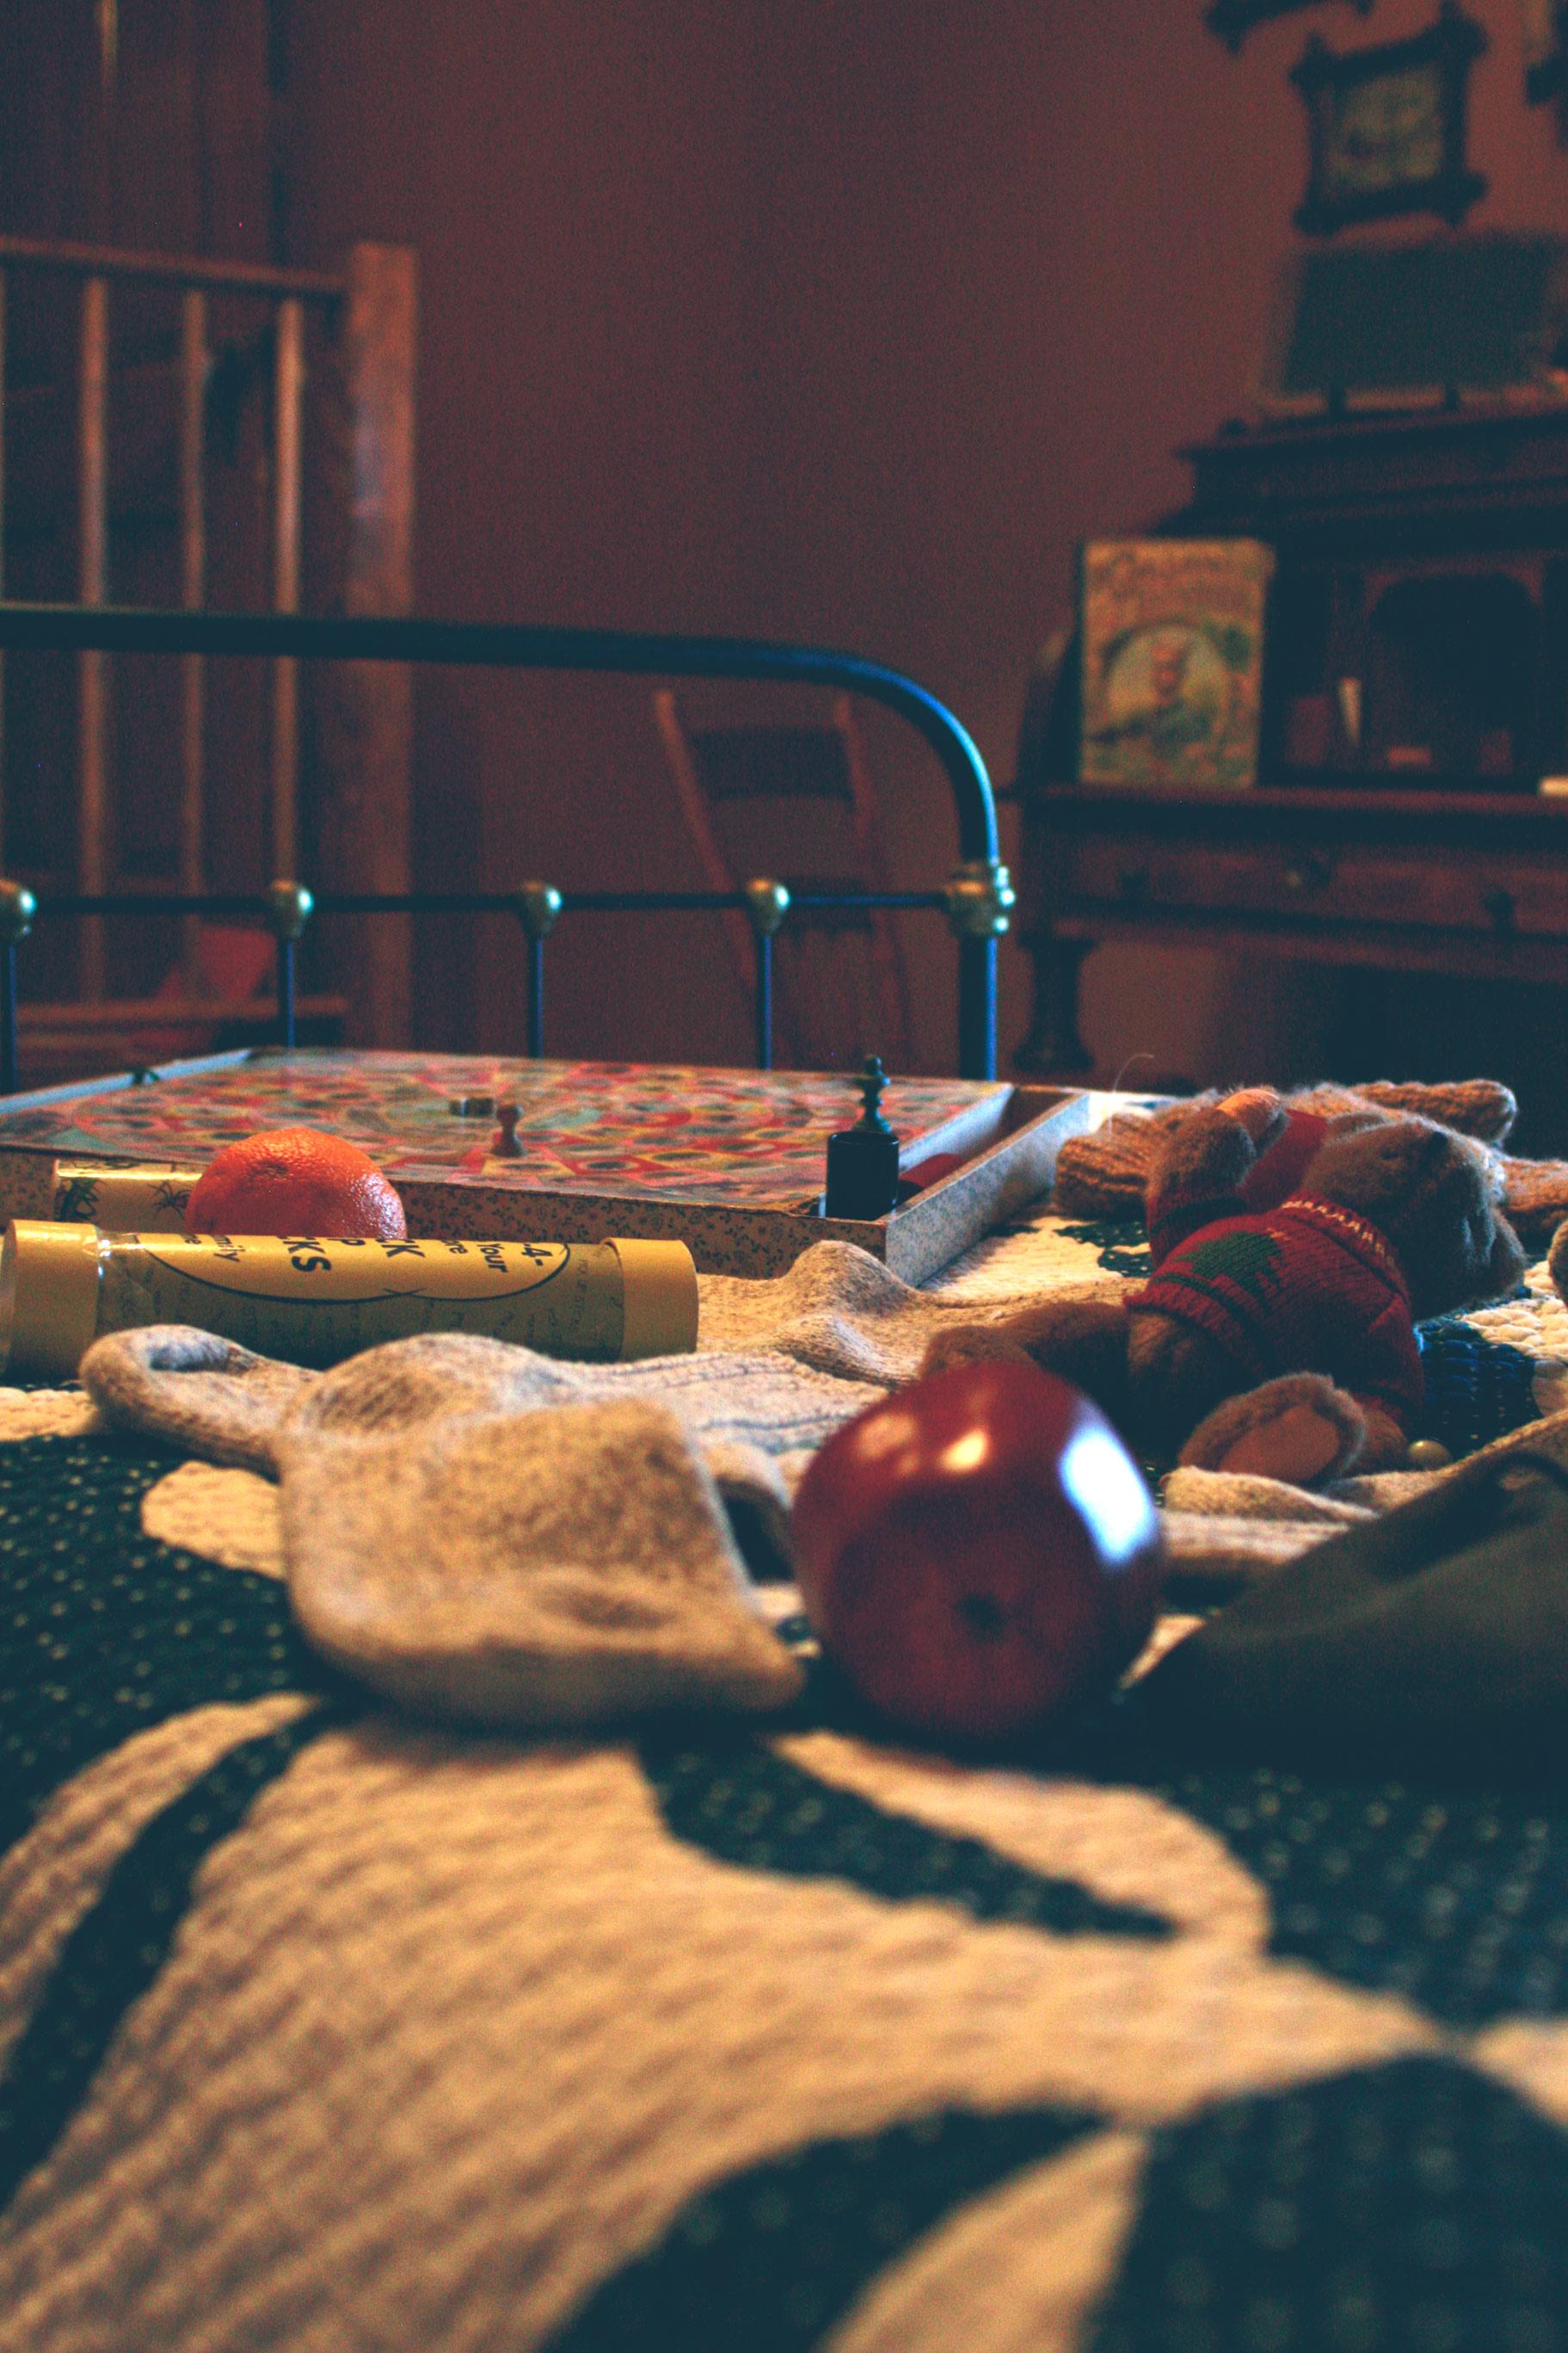 edgar's bedroom holiday.jpg